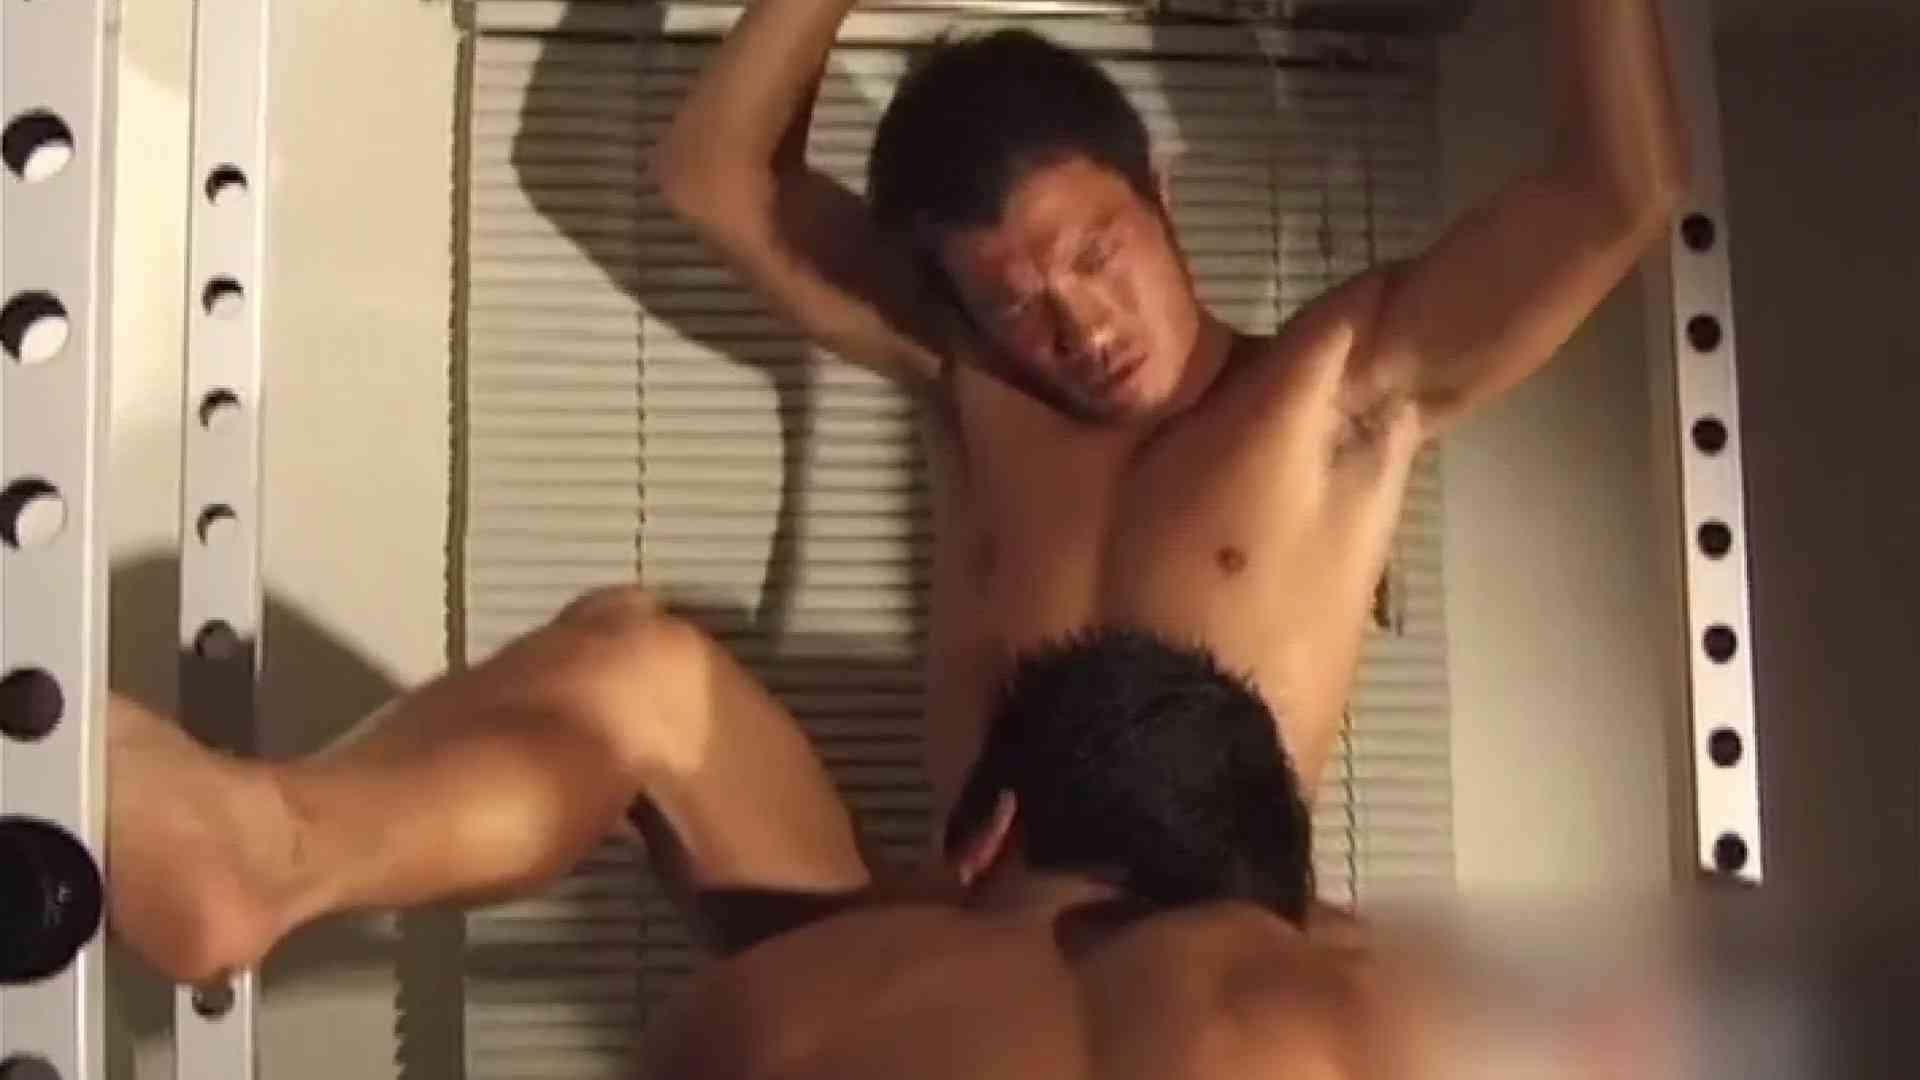 珍肉も筋肉の内!!vol.3 悶絶 ゲイ無修正画像 104枚 8